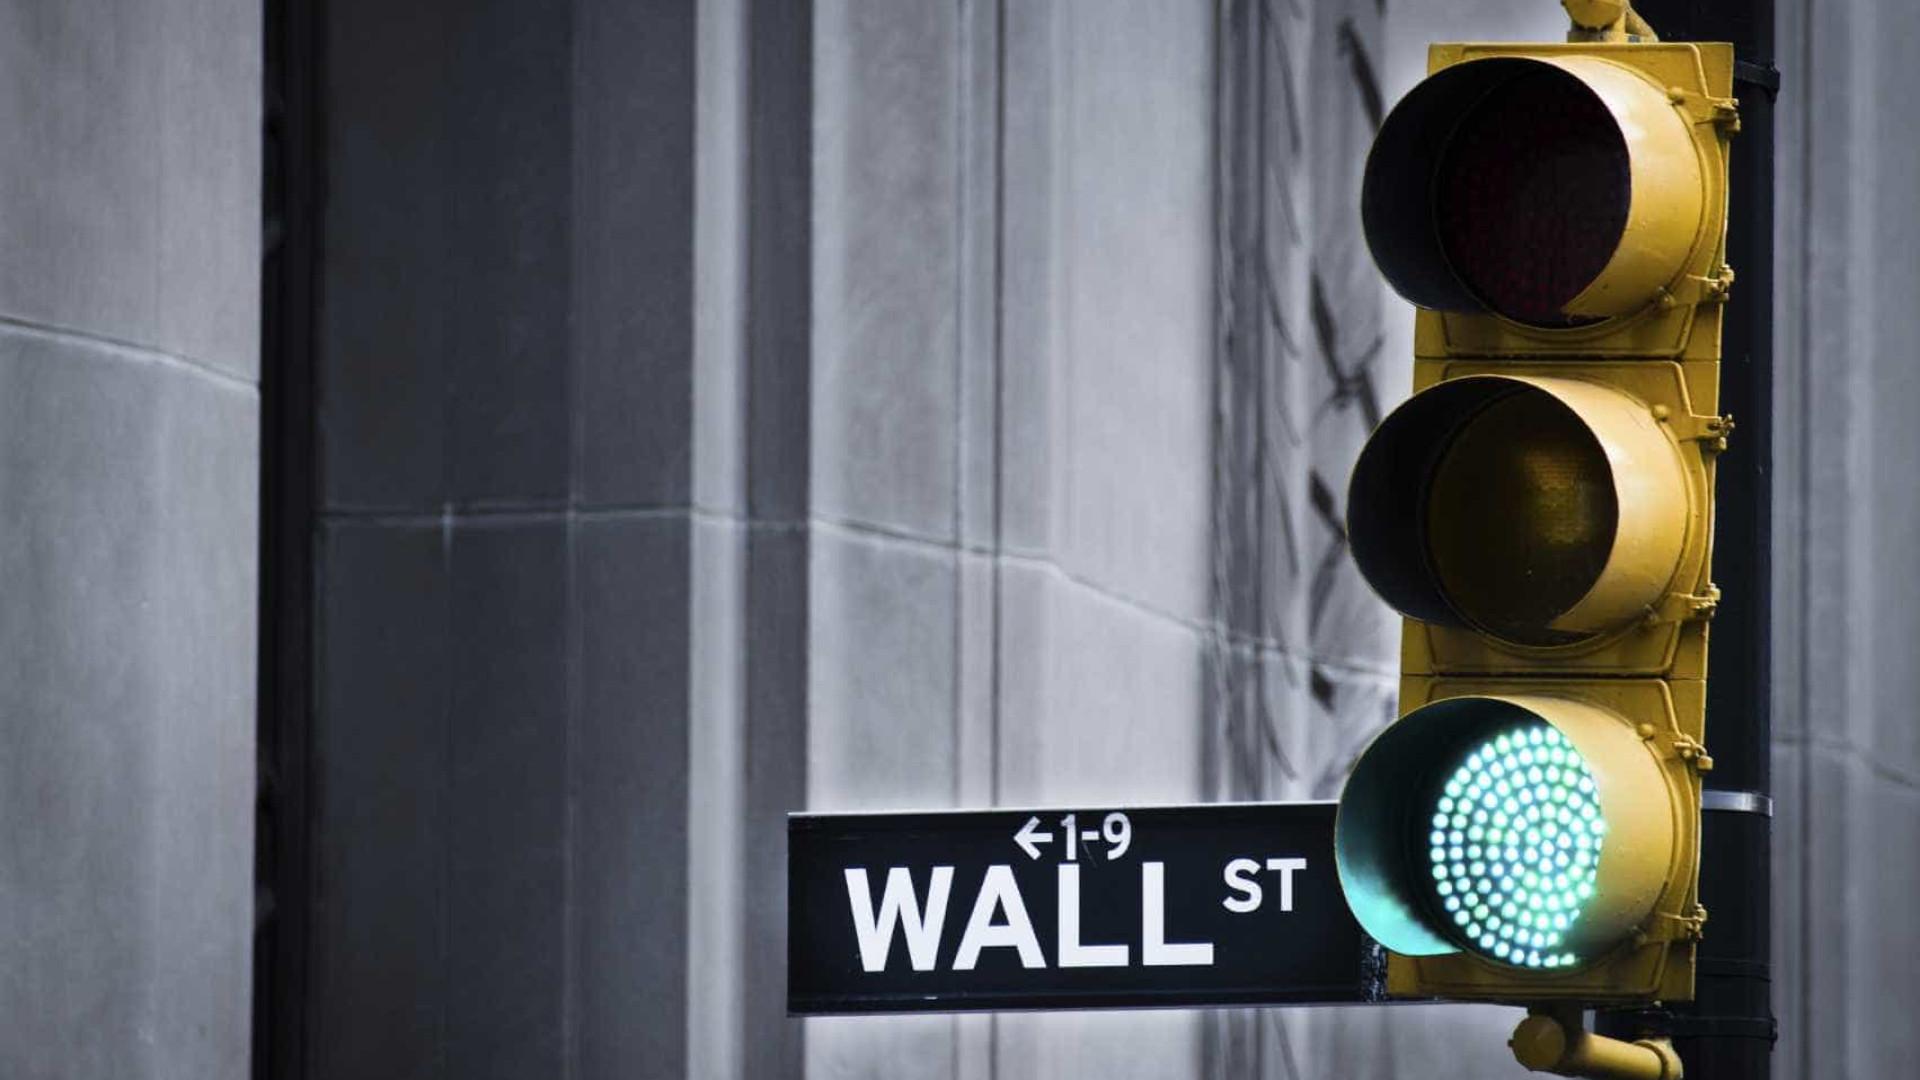 Wall Street inicia sessão em alta após resultados e indicadores